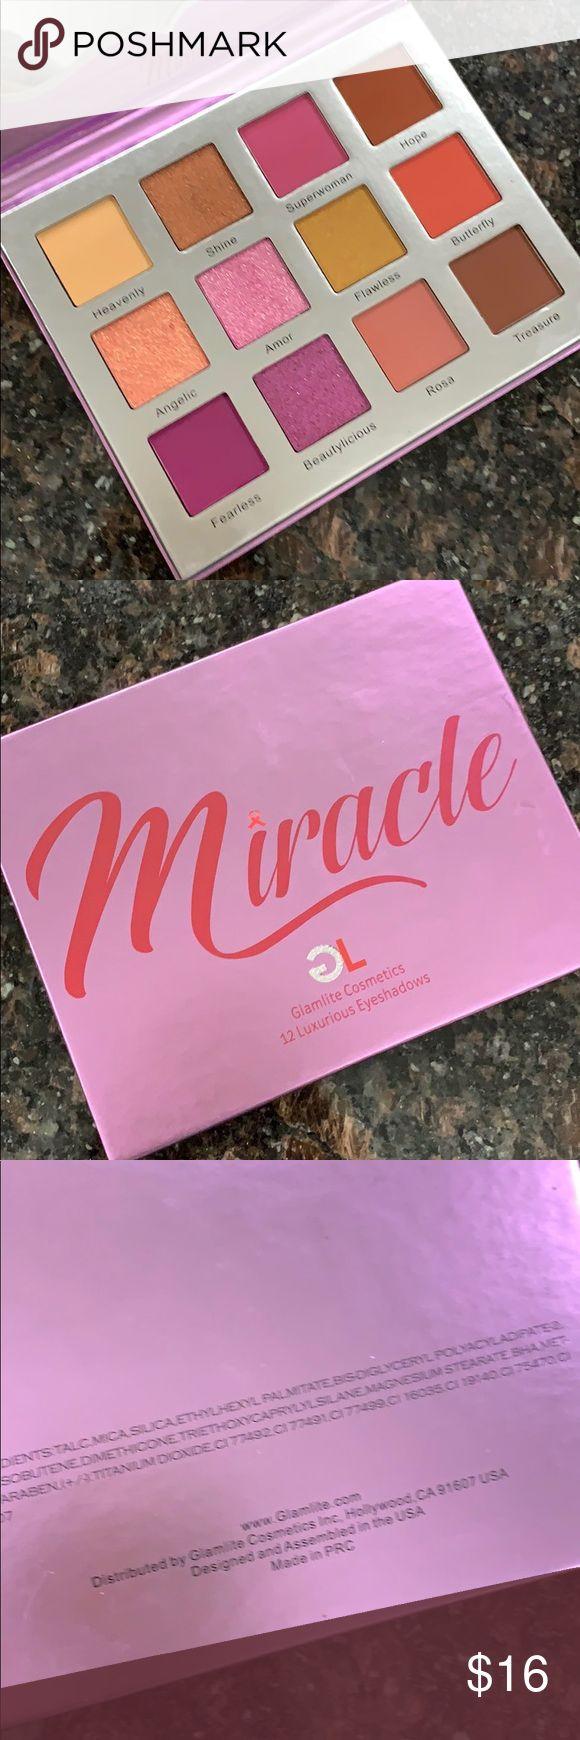 GlamLite Miracle Palette (BRAND NEW) Brand new, never